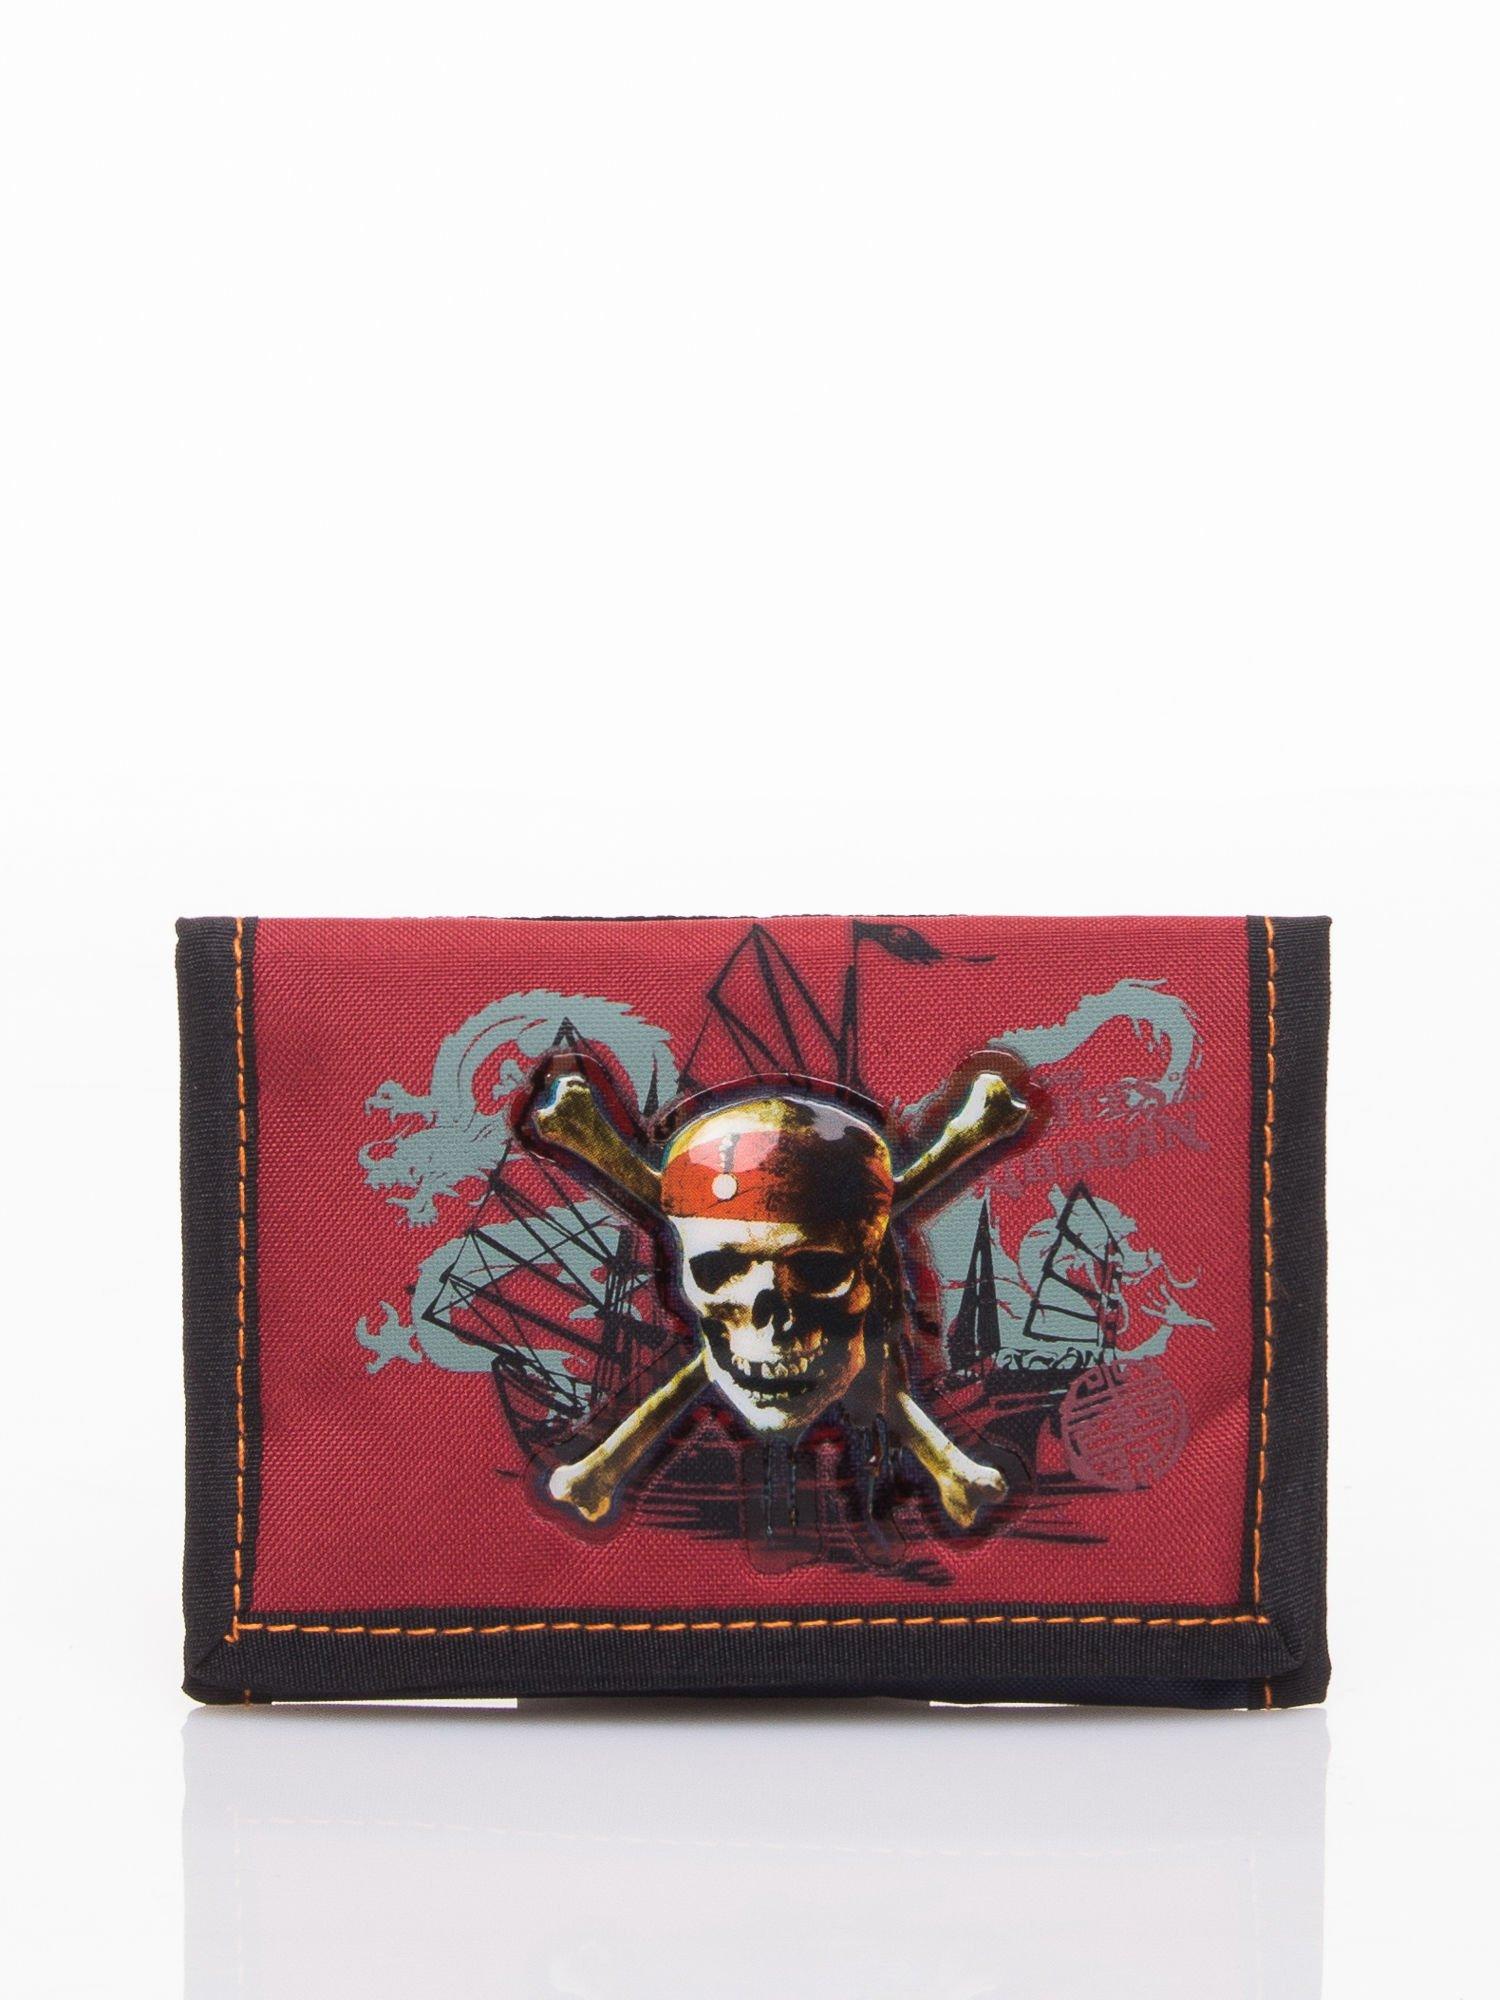 Czerwony portfel chłopięcy DISNEY Piraci z Karaibów                                  zdj.                                  1